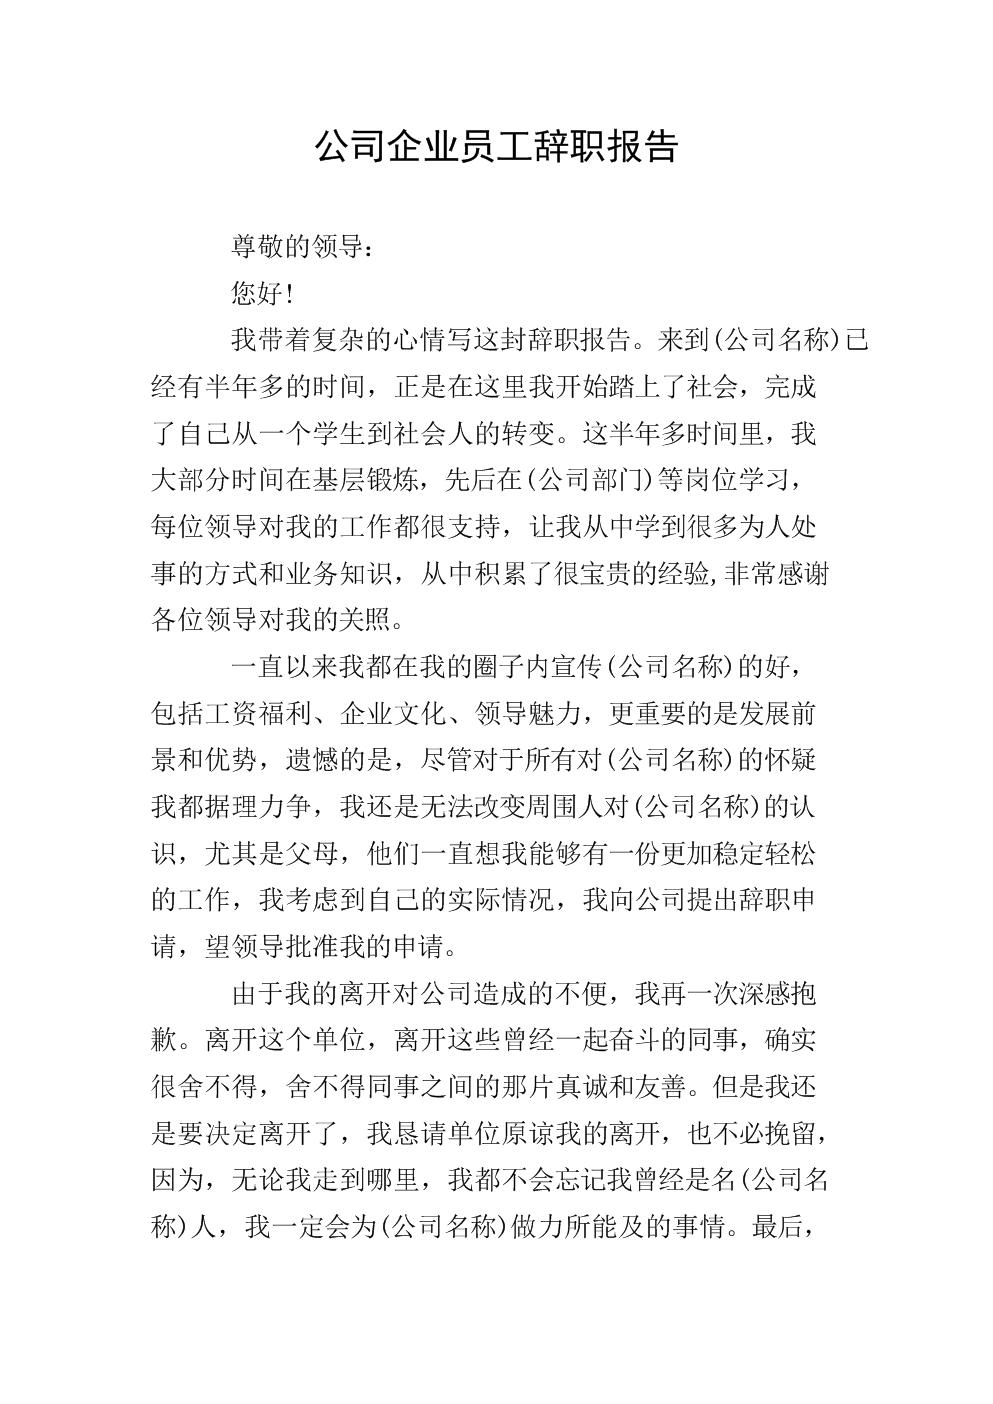 公司企业员工辞职报告.doc